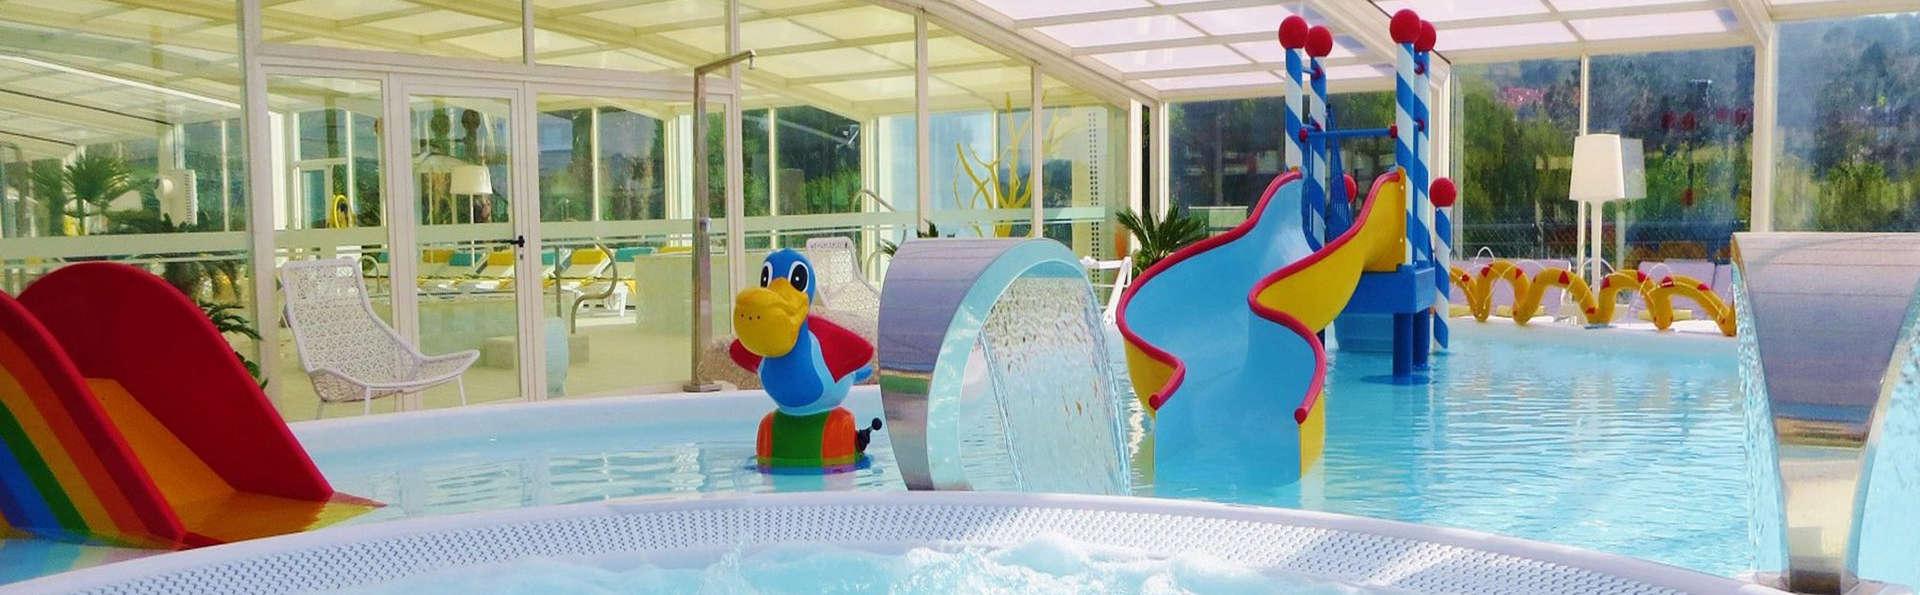 Vacaciones en Familia: Escapada Relax con acceso al Spa en Sanxenxo